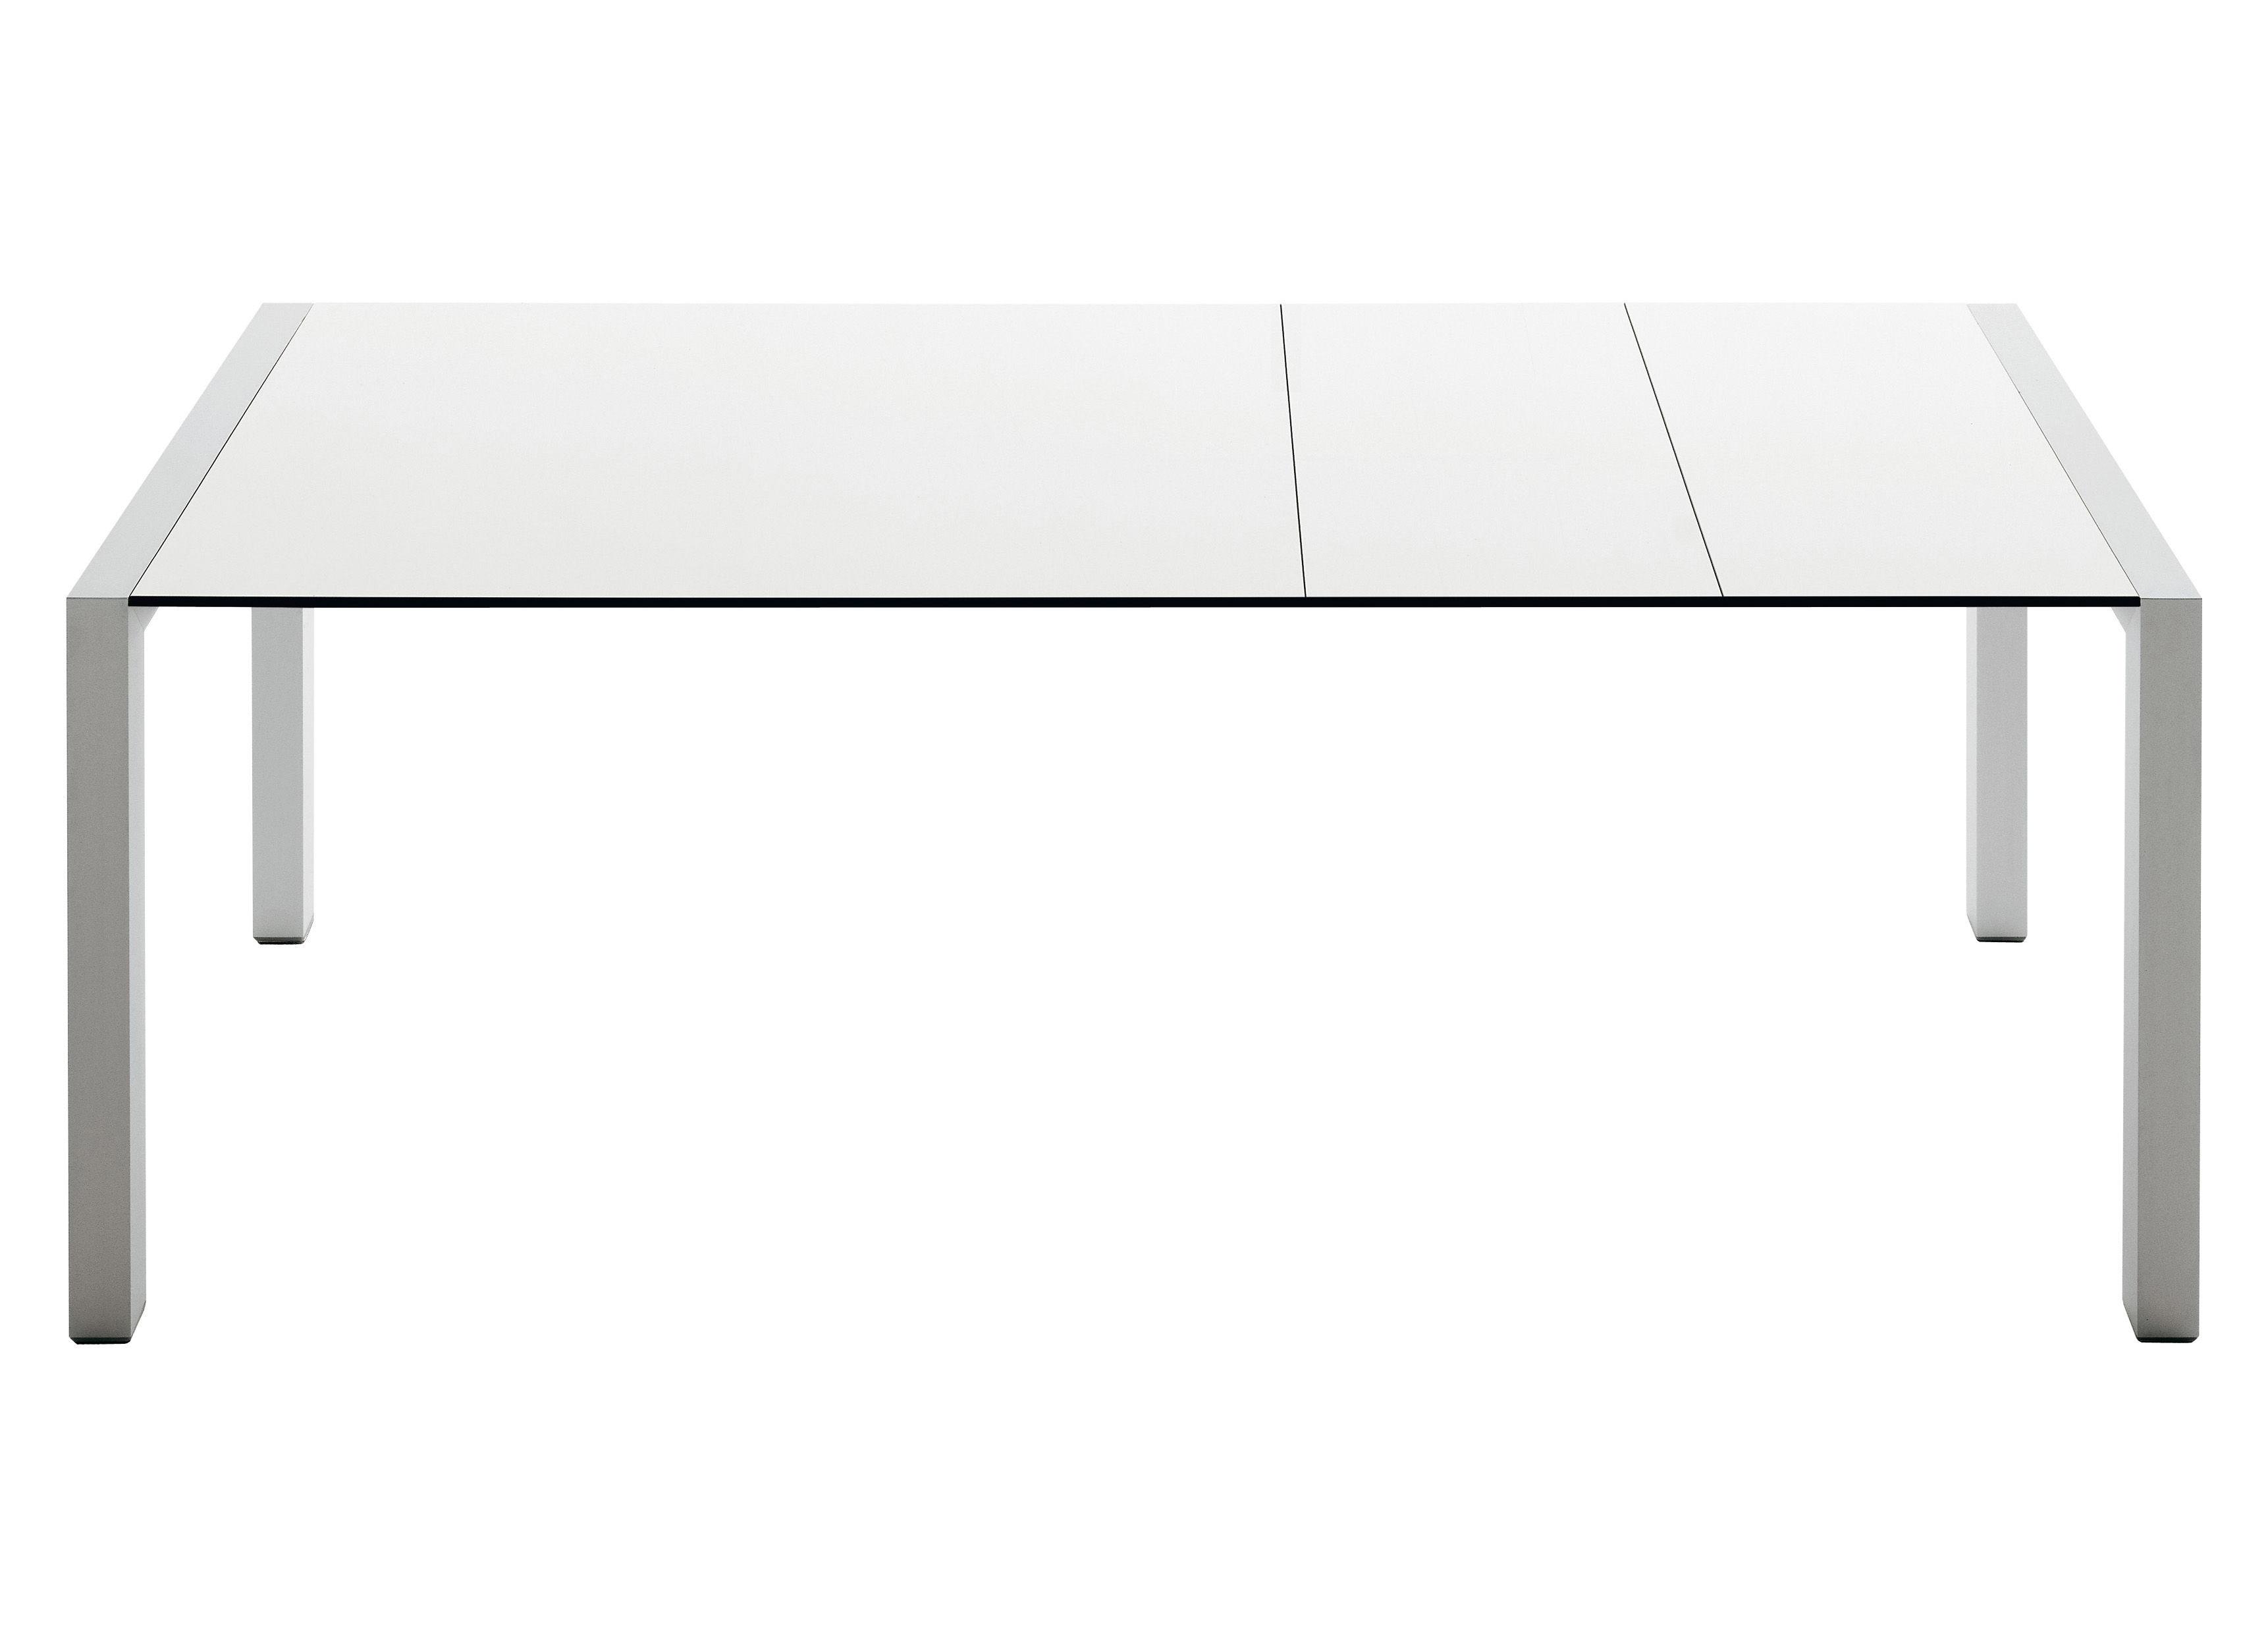 Outdoor - Tische - Sushi Outdoor Ausziehtisch L 177 bis 290 cm - Kristalia - Tischplatte hellgrau / Füße anthrazitgrau - lackiertes Aluminium